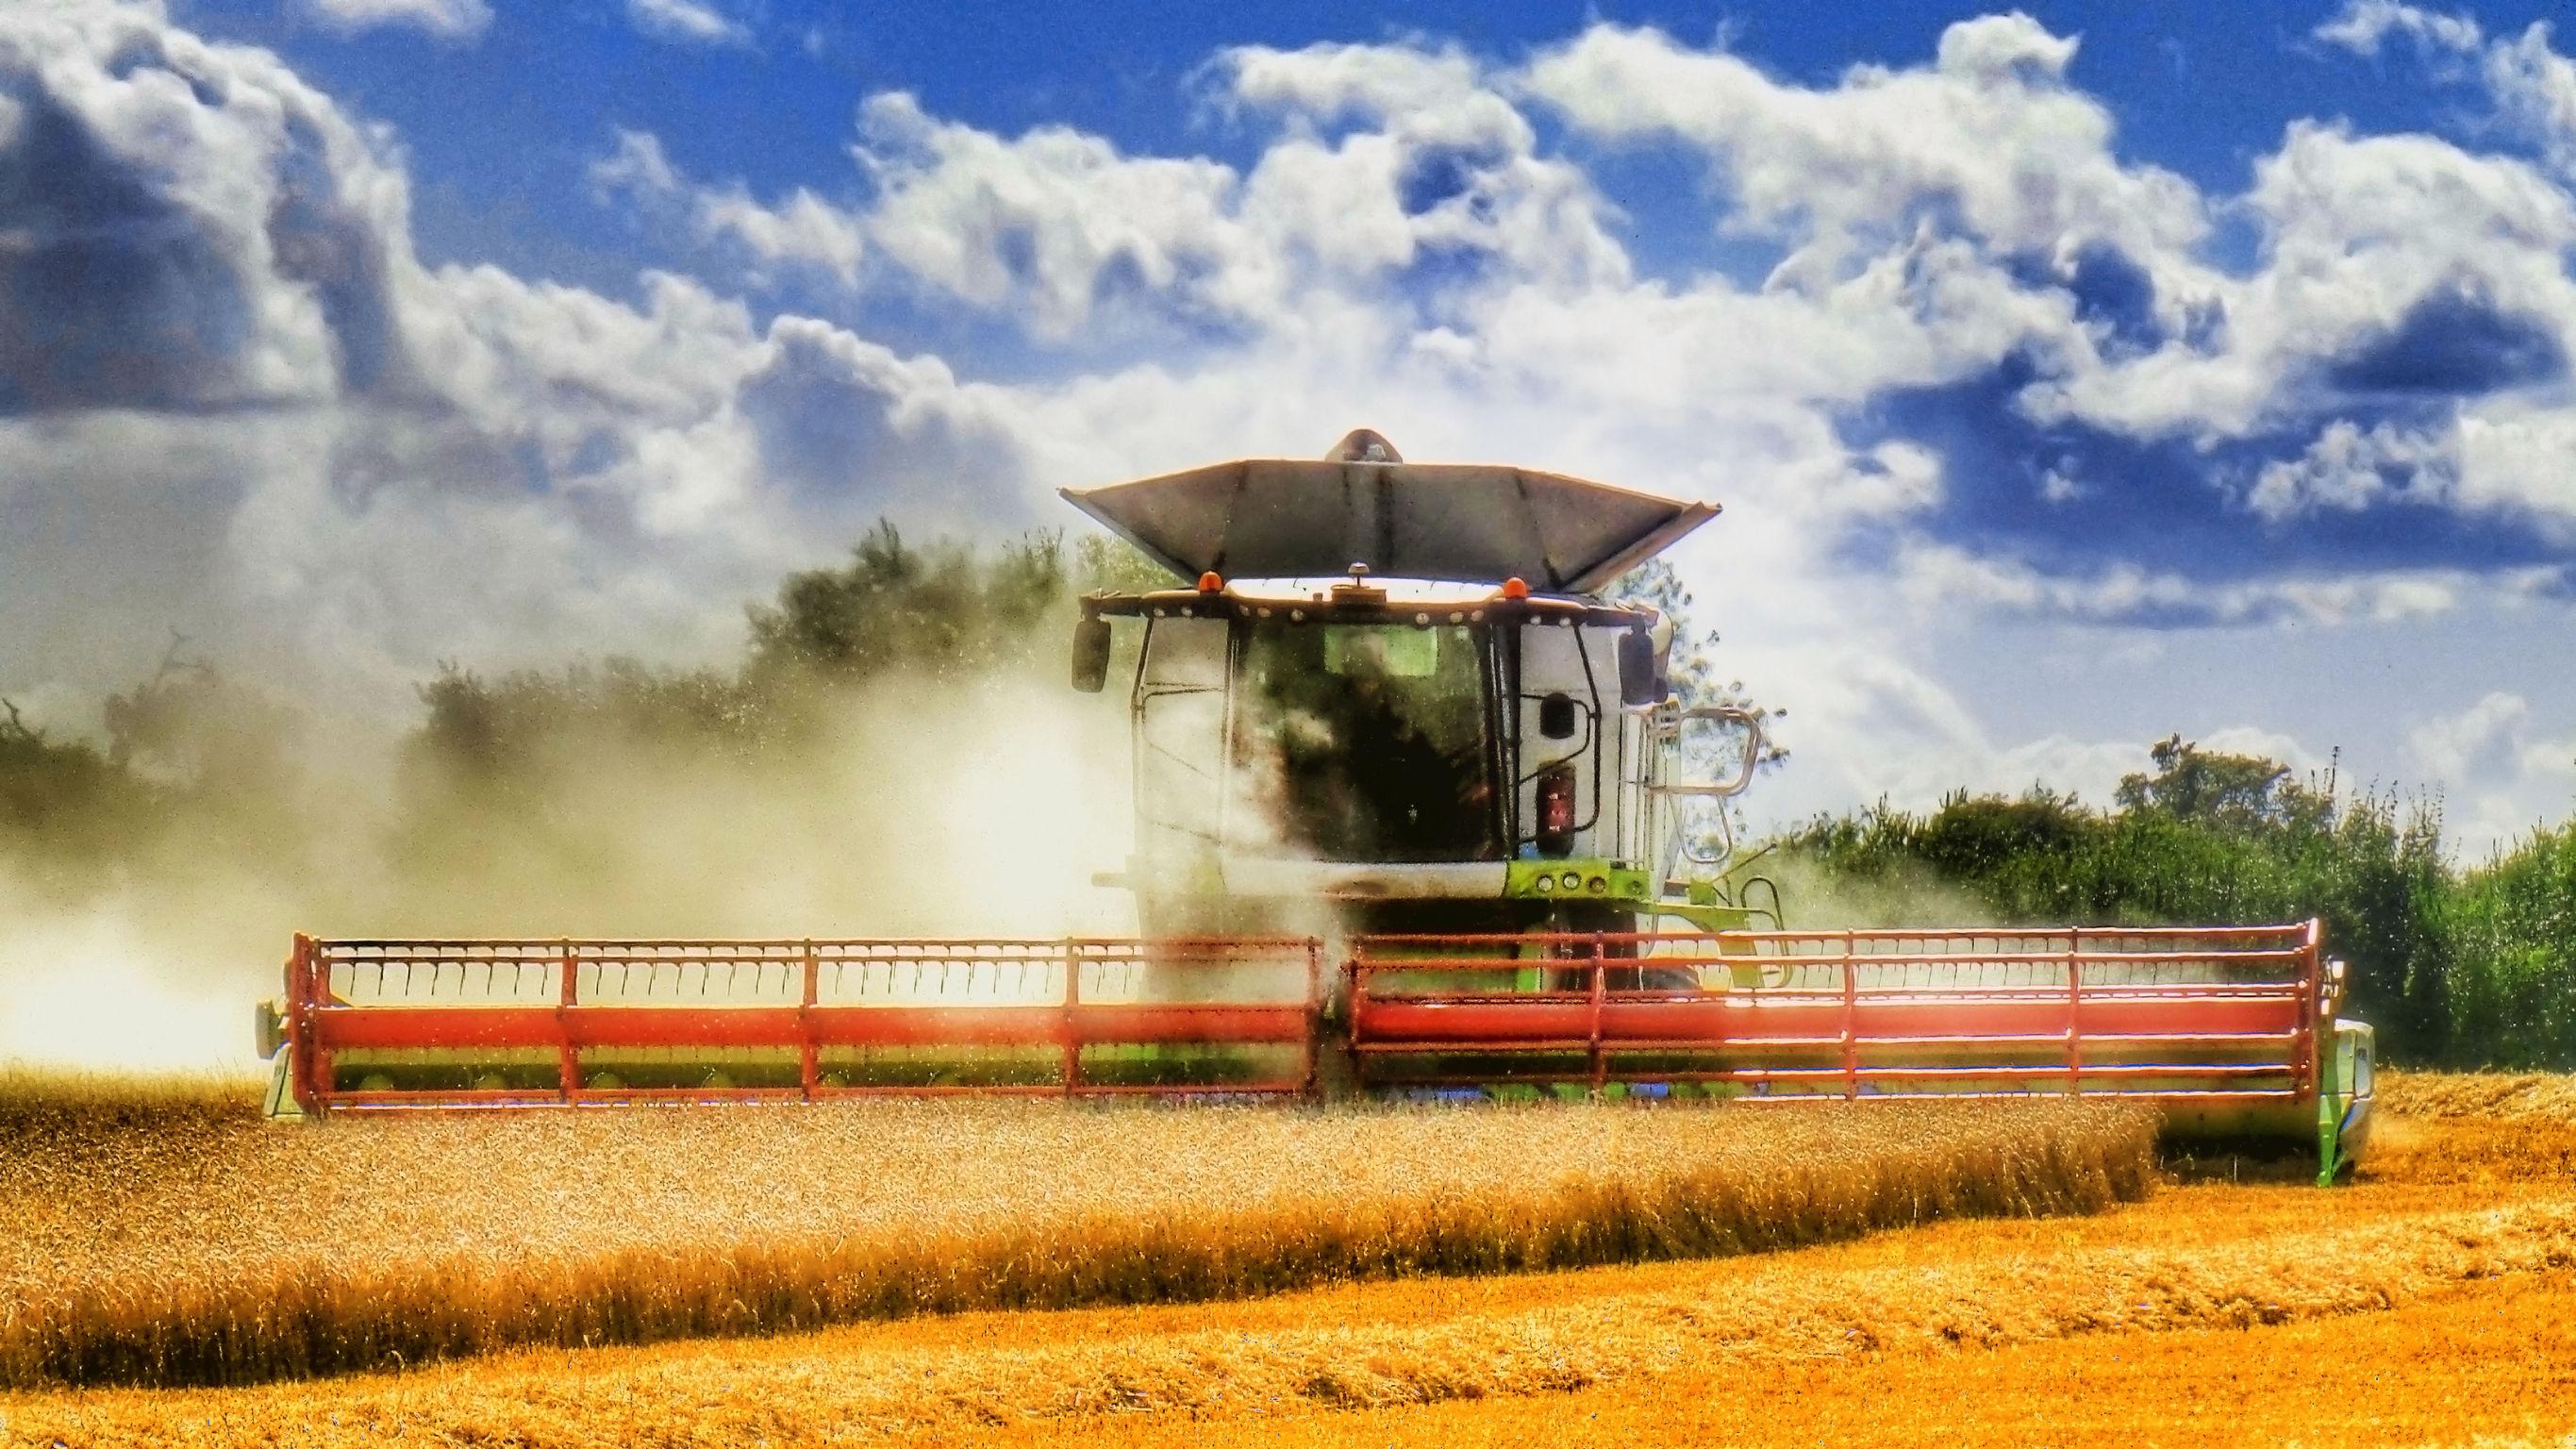 Farmer confidence rises in 2018 despite Brexit uncertainty